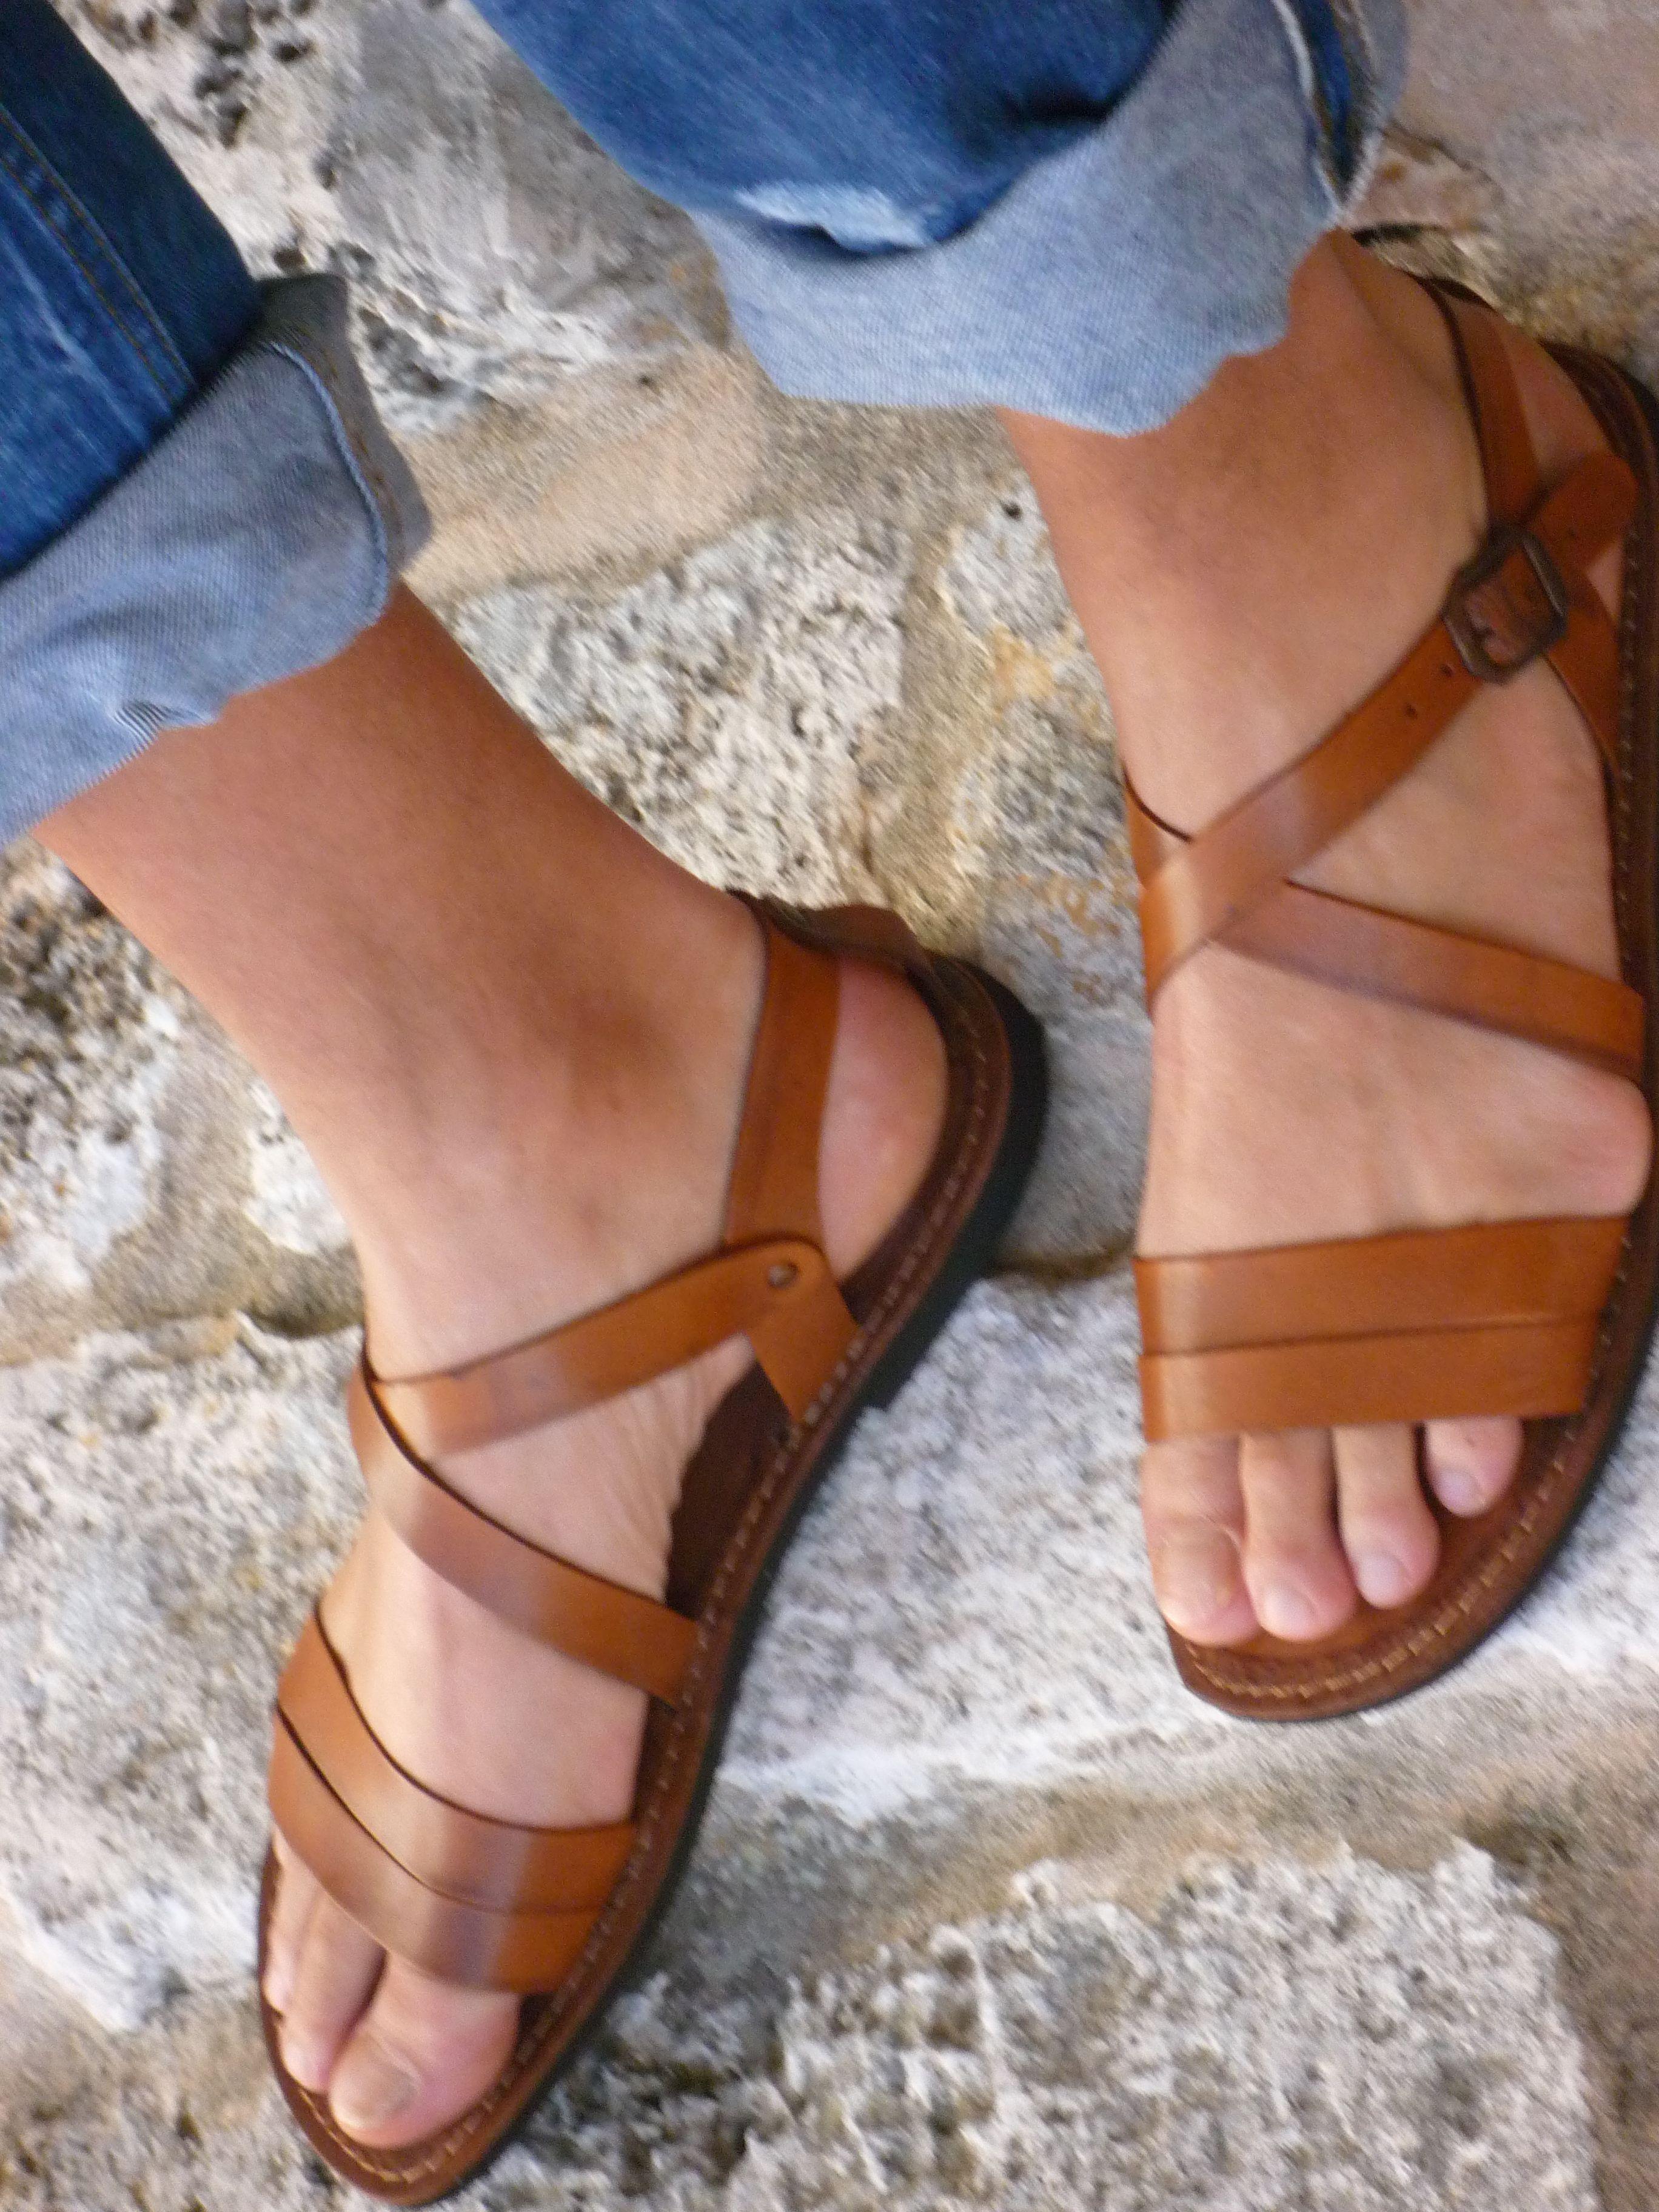 e5513b8dd31e31 Mens Leather Sandals